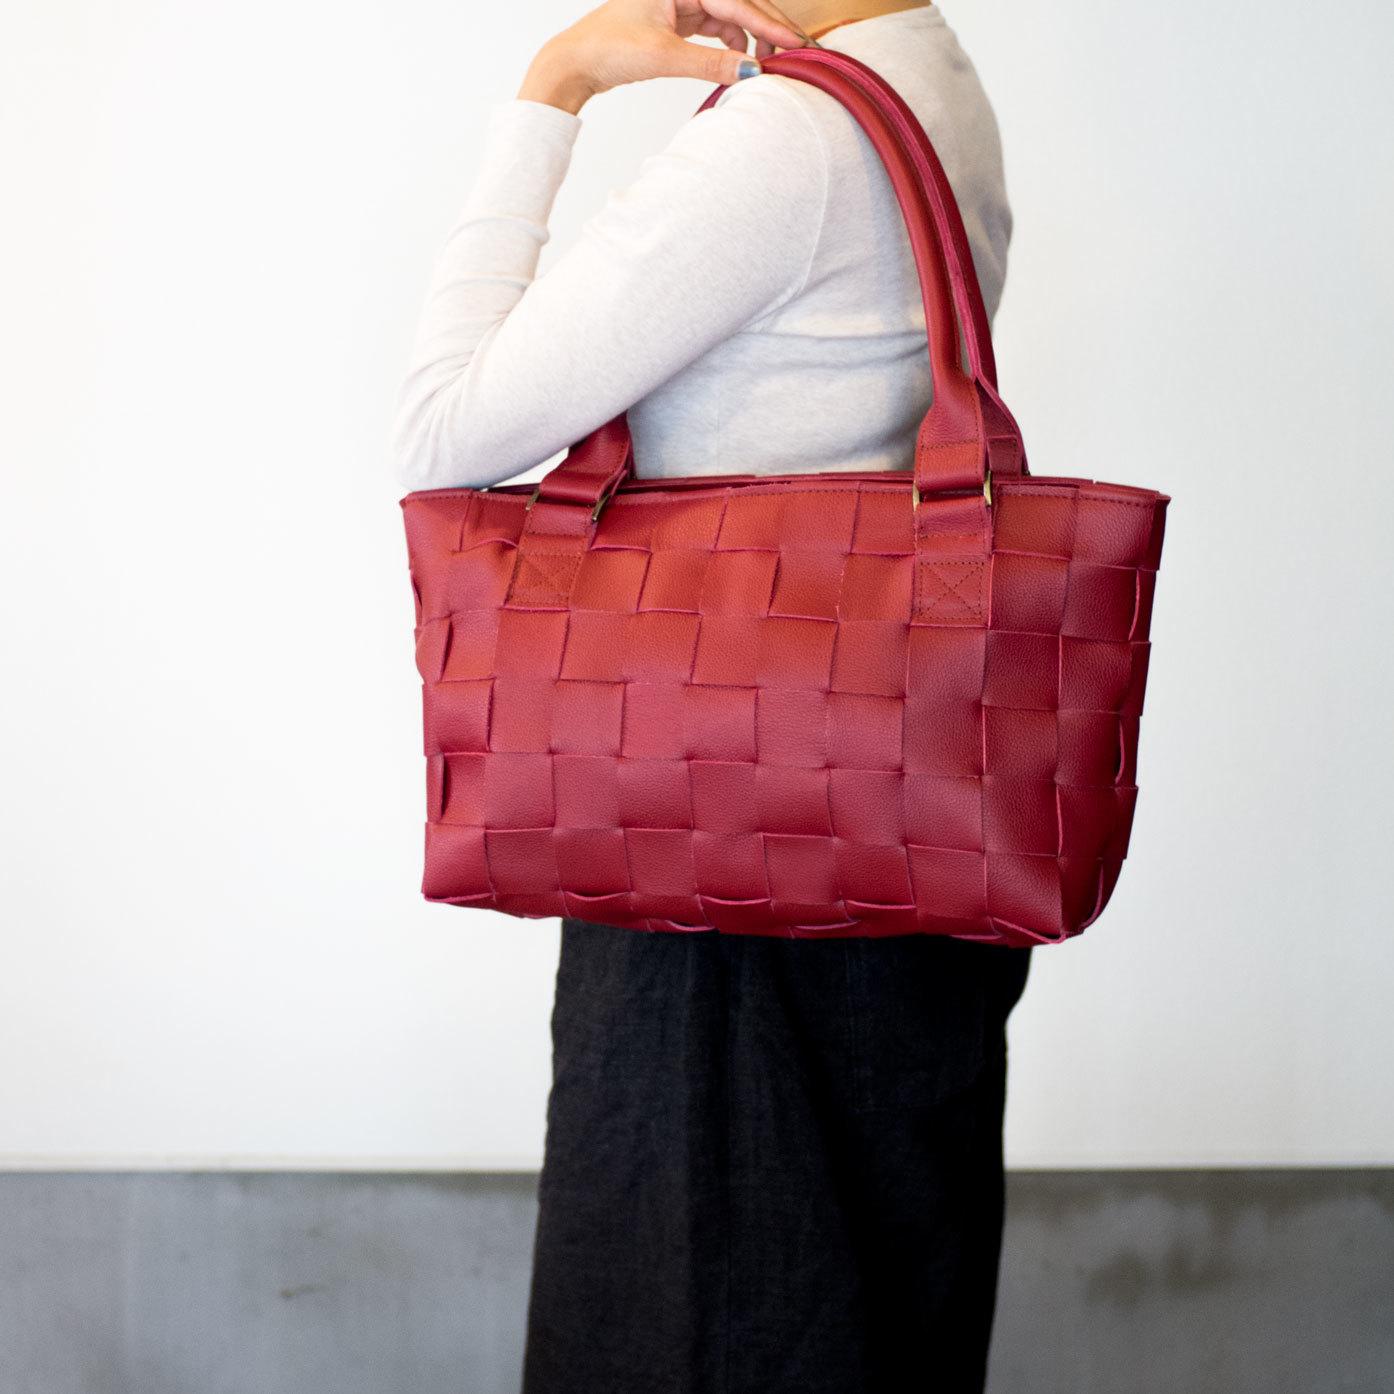 家具用・牛革製 / 編み革、メッシュレザー/レザートートバッグ/ 赤